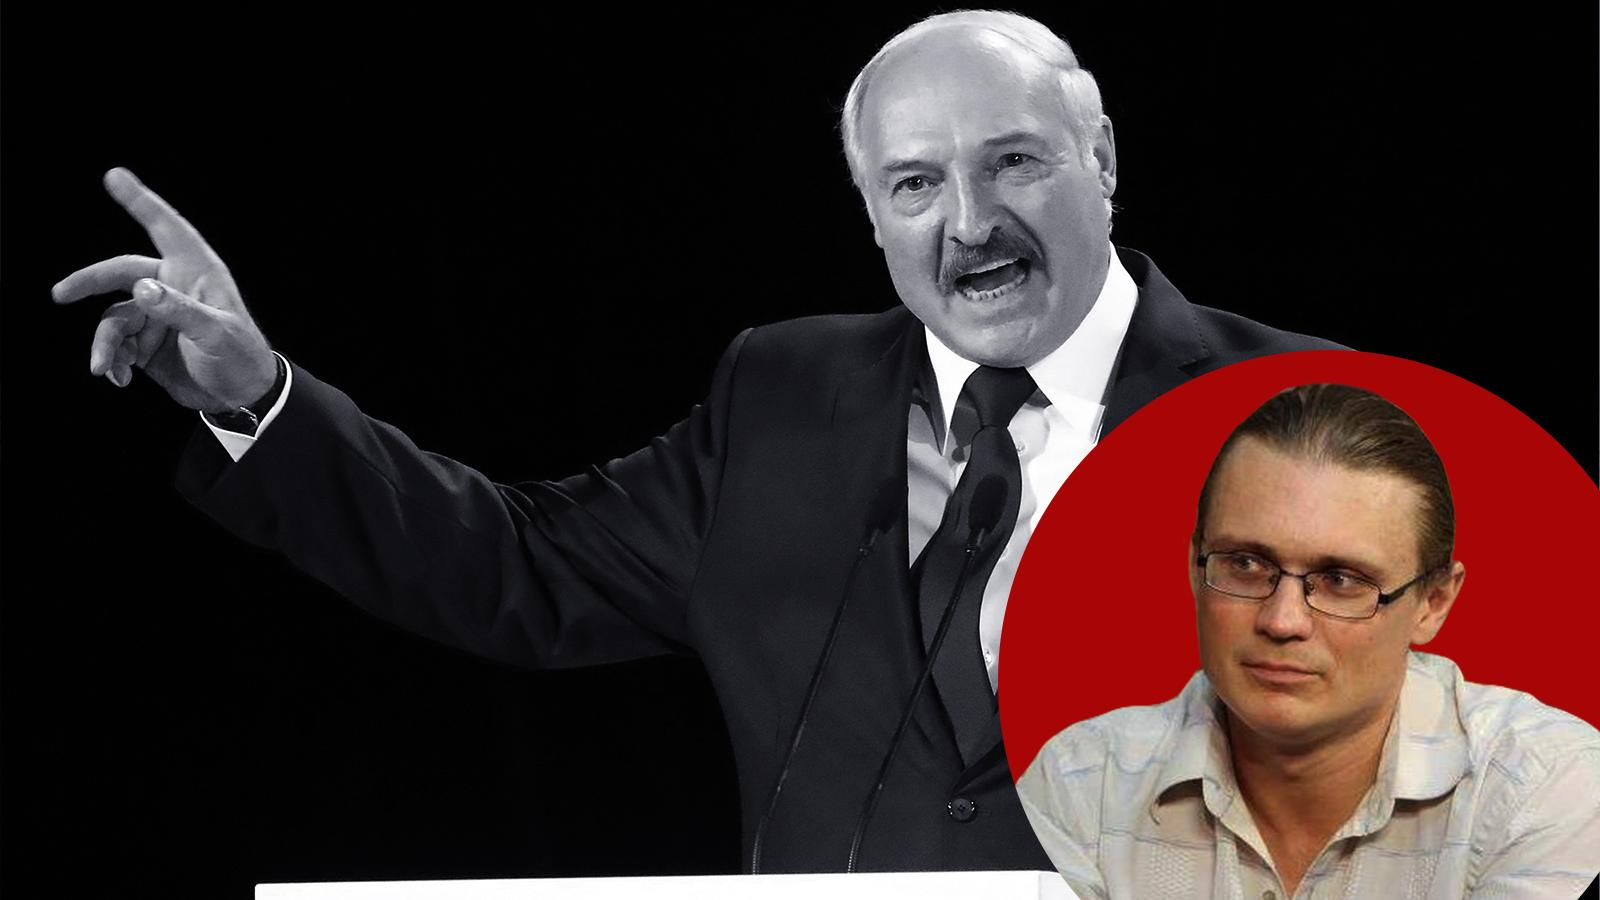 лидер партии лдпр в рф